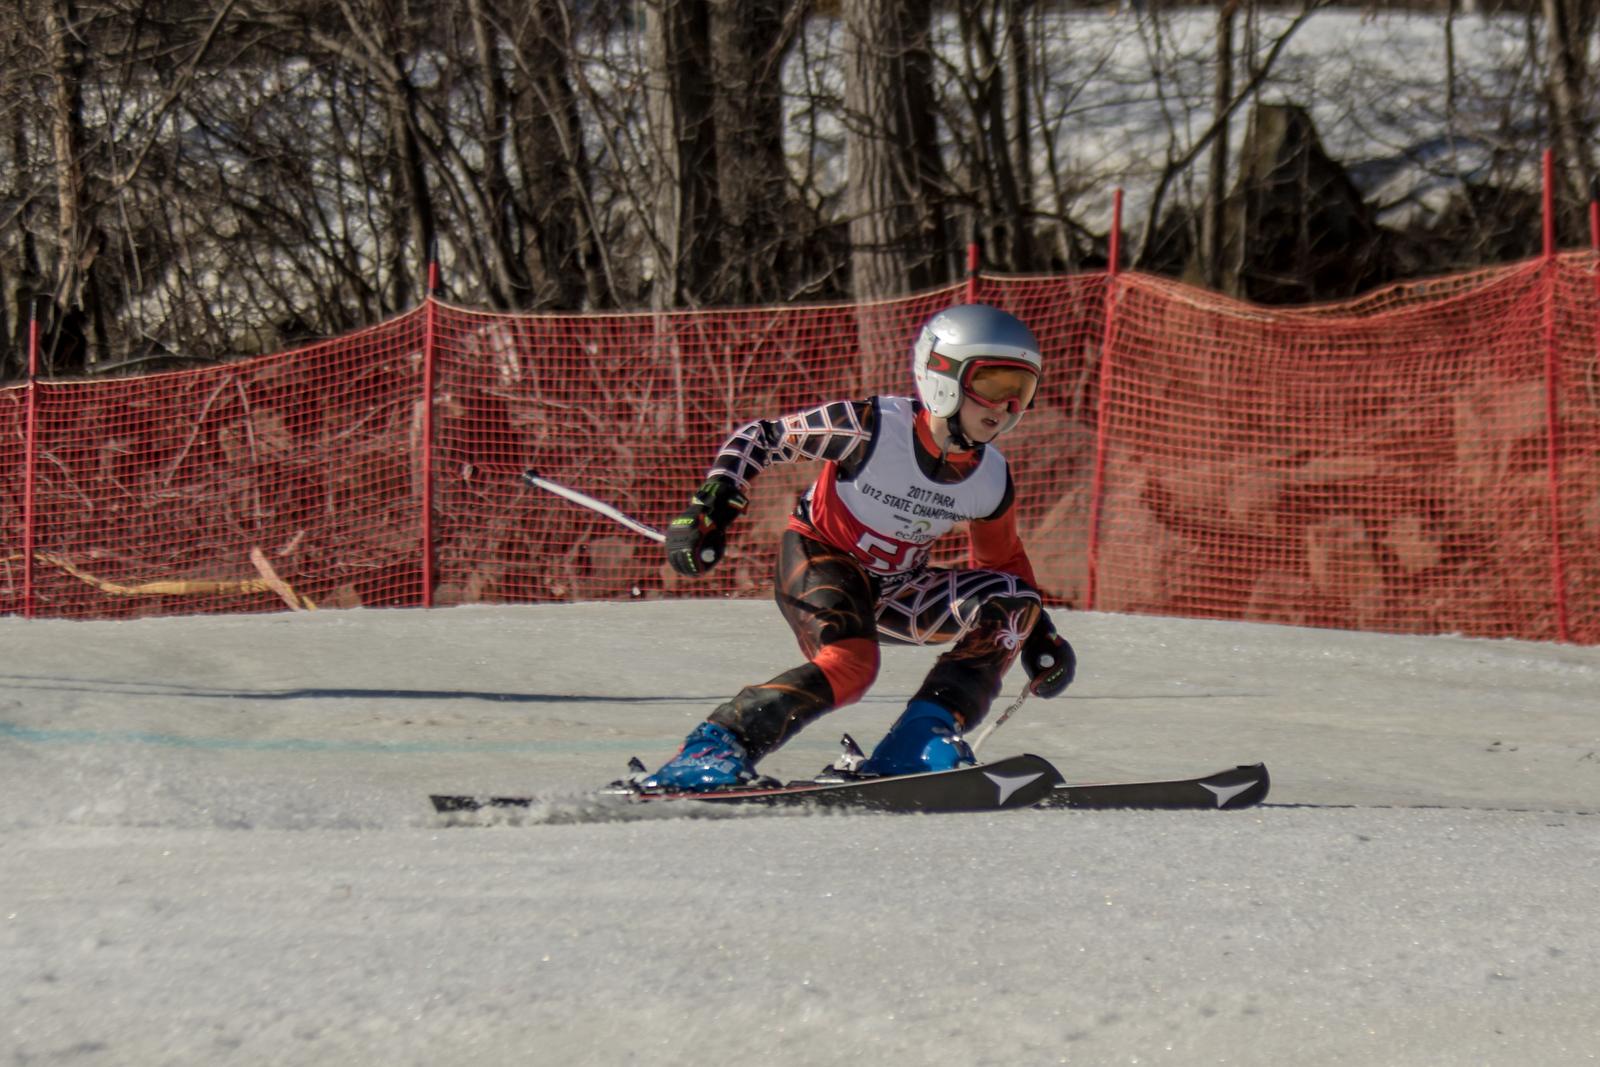 Louis Friedrich No.56 (PASEF) 2017 PARA U12 State Championships at Roundtop Mountain Resort